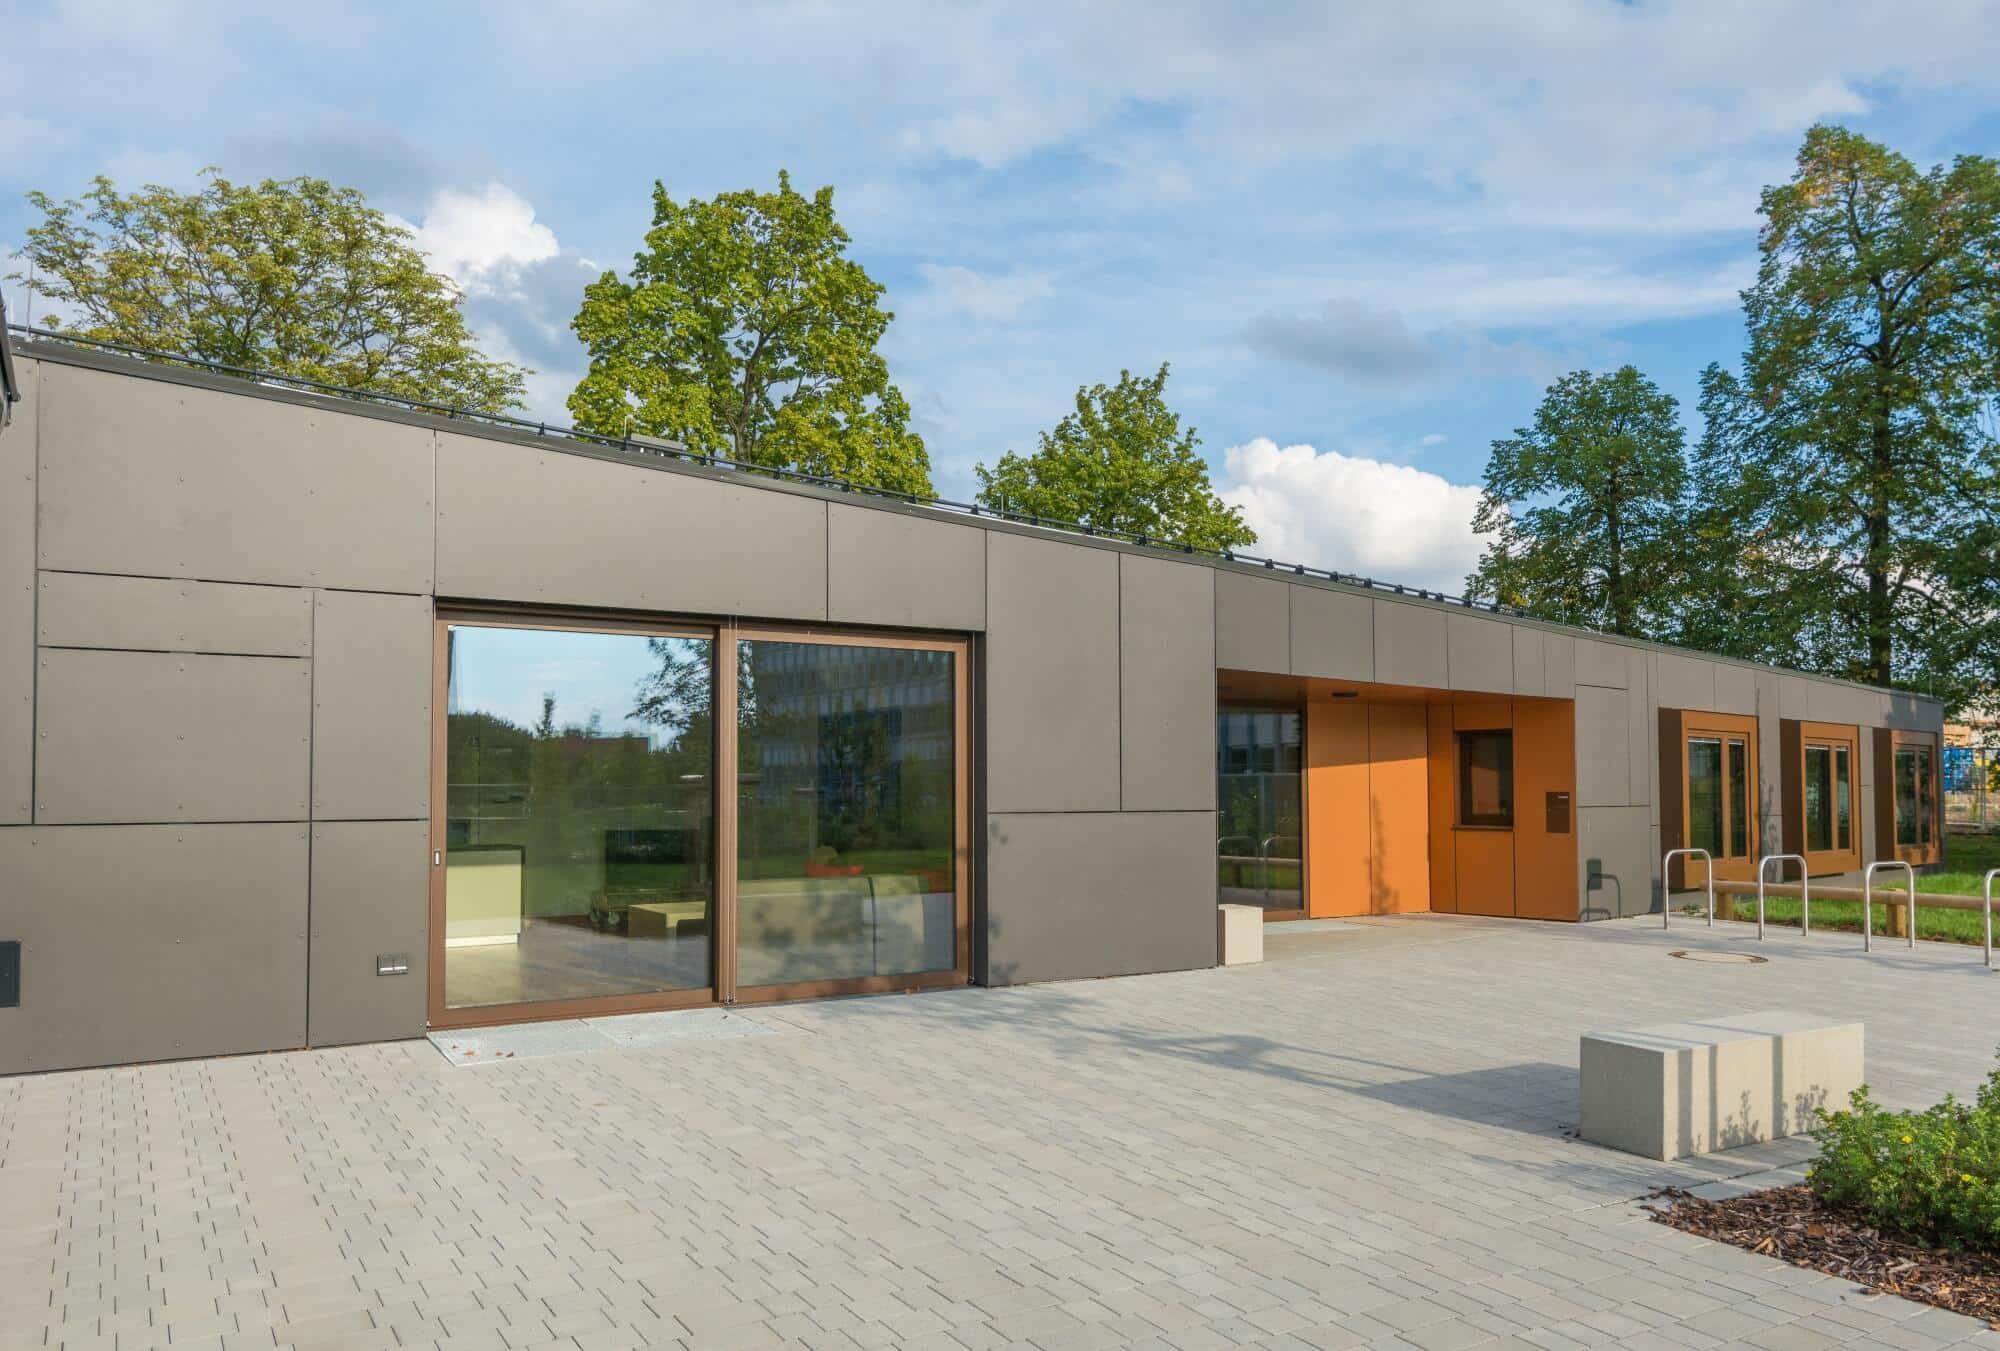 Montage und Abdichtung von bodentiefen Fenstern und Türen